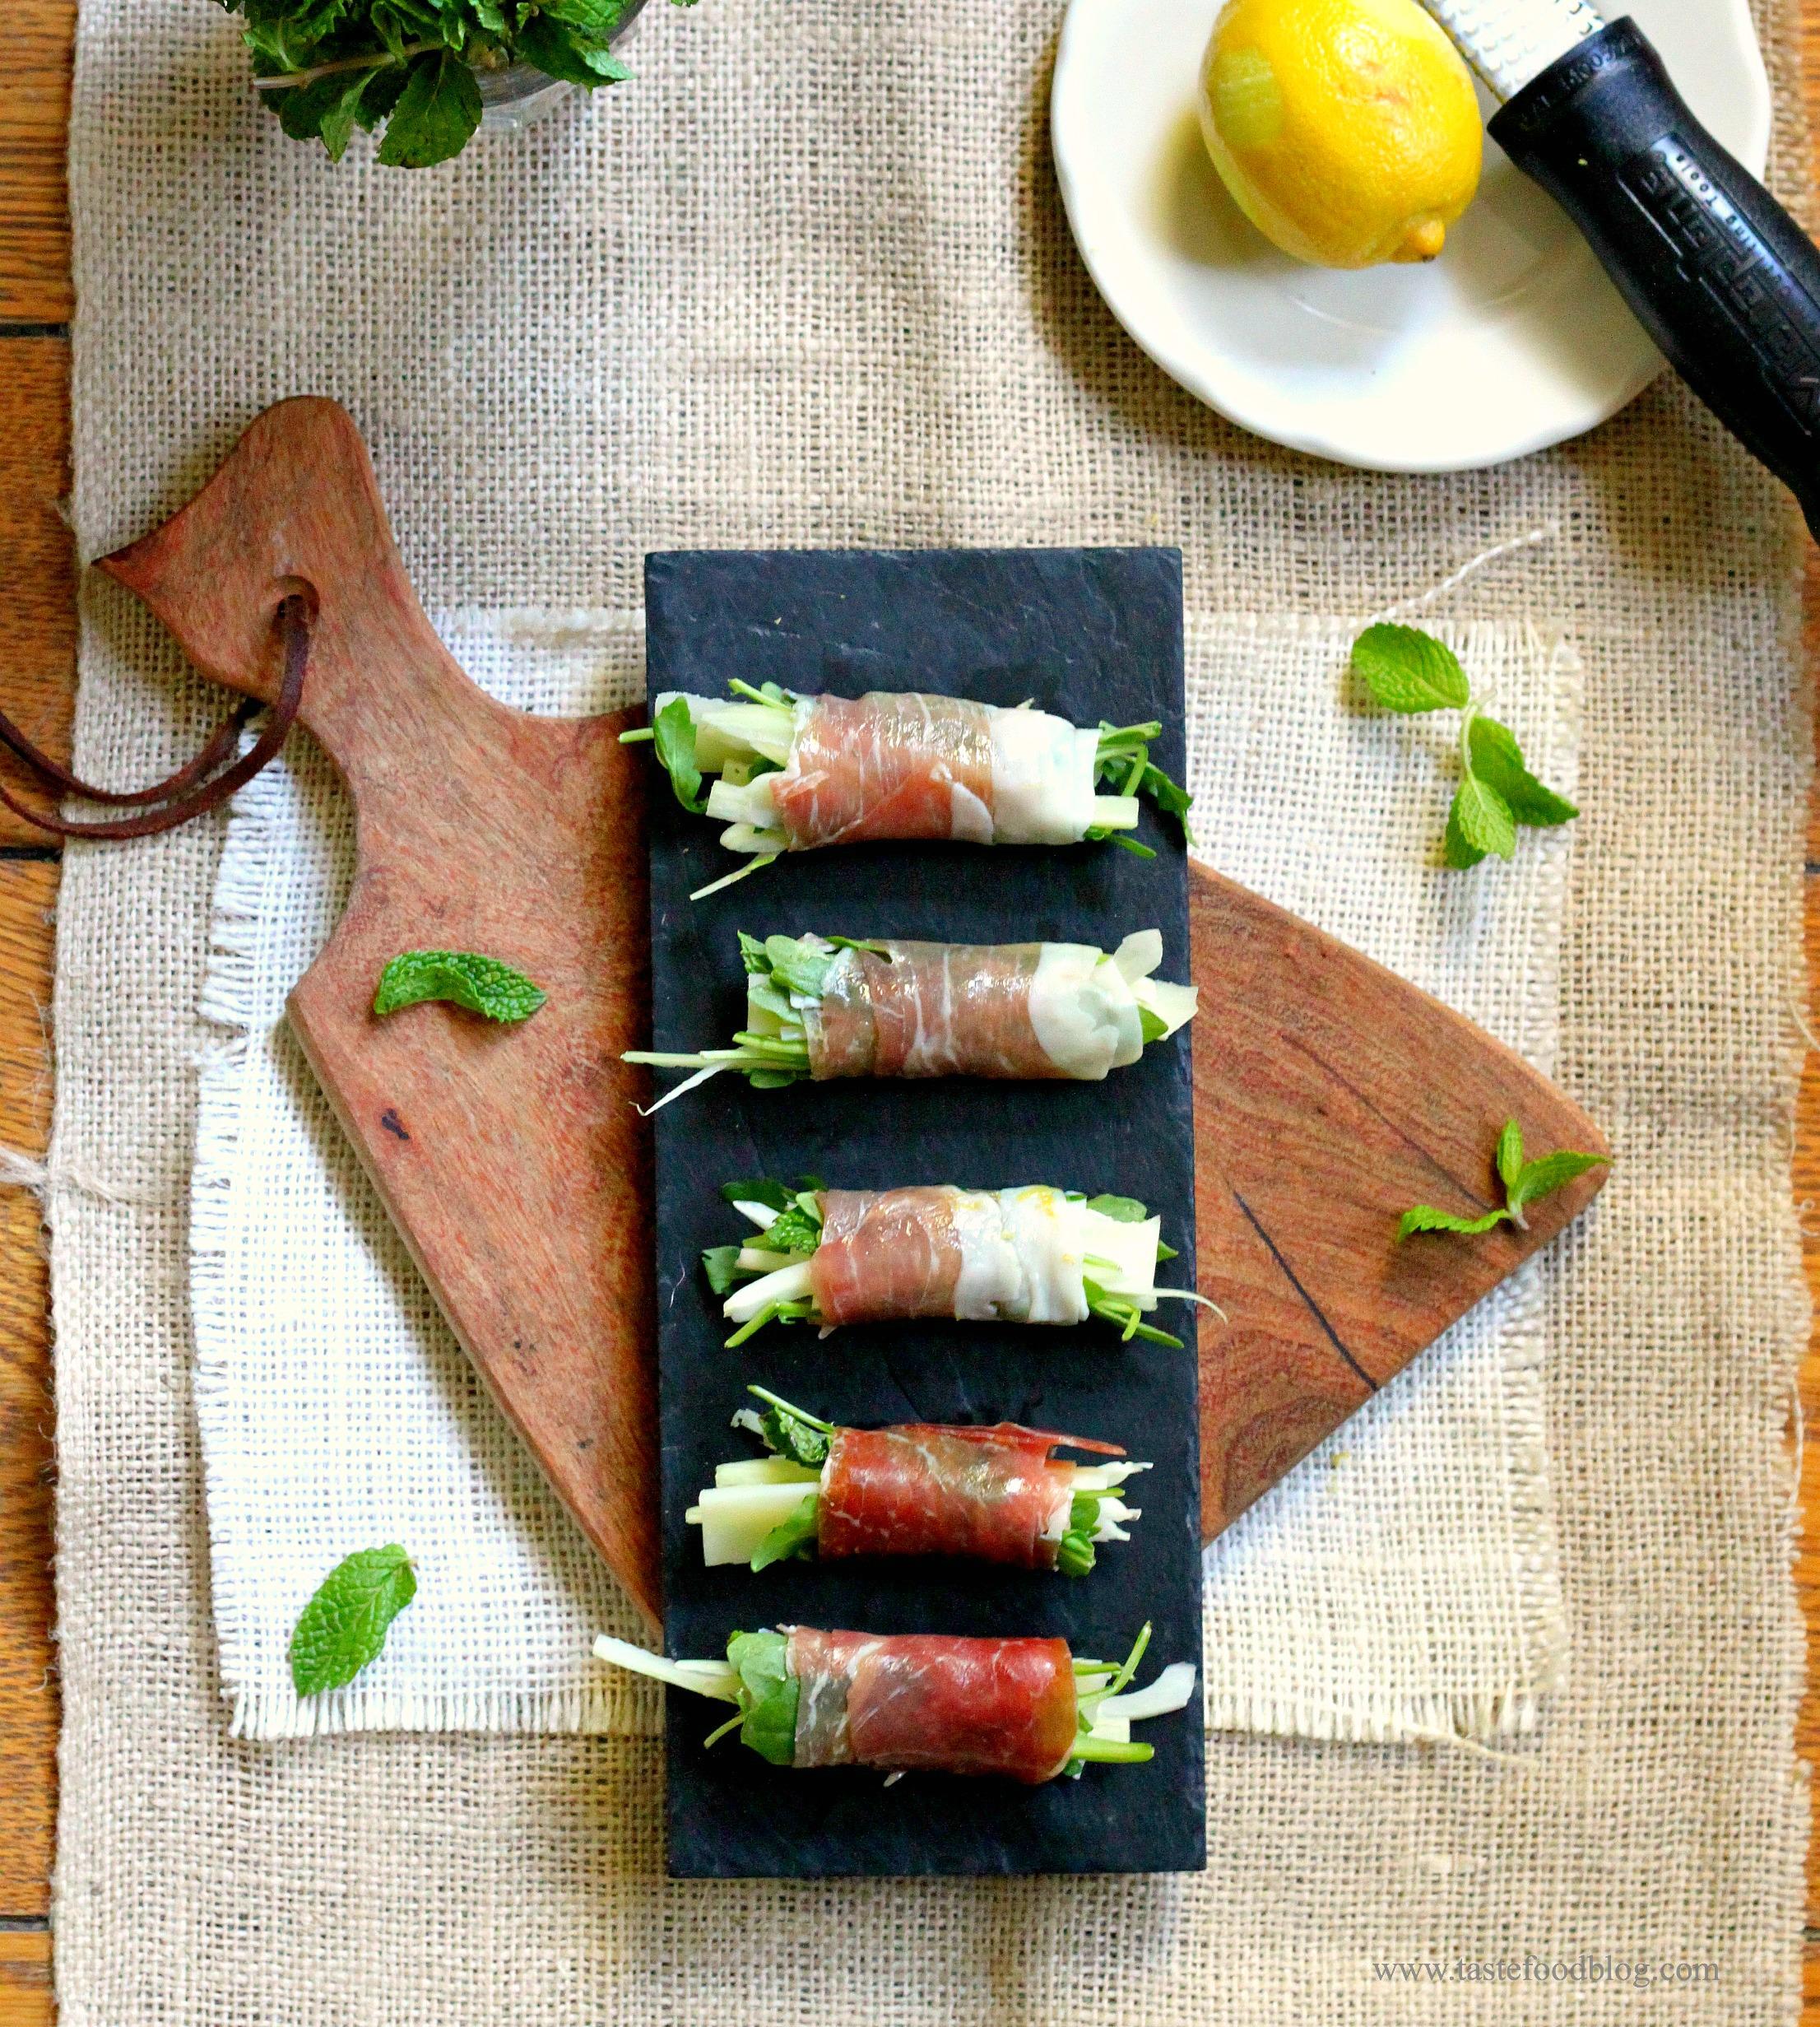 Prosciutto Arugula Prosciutto Rolls With Arugula